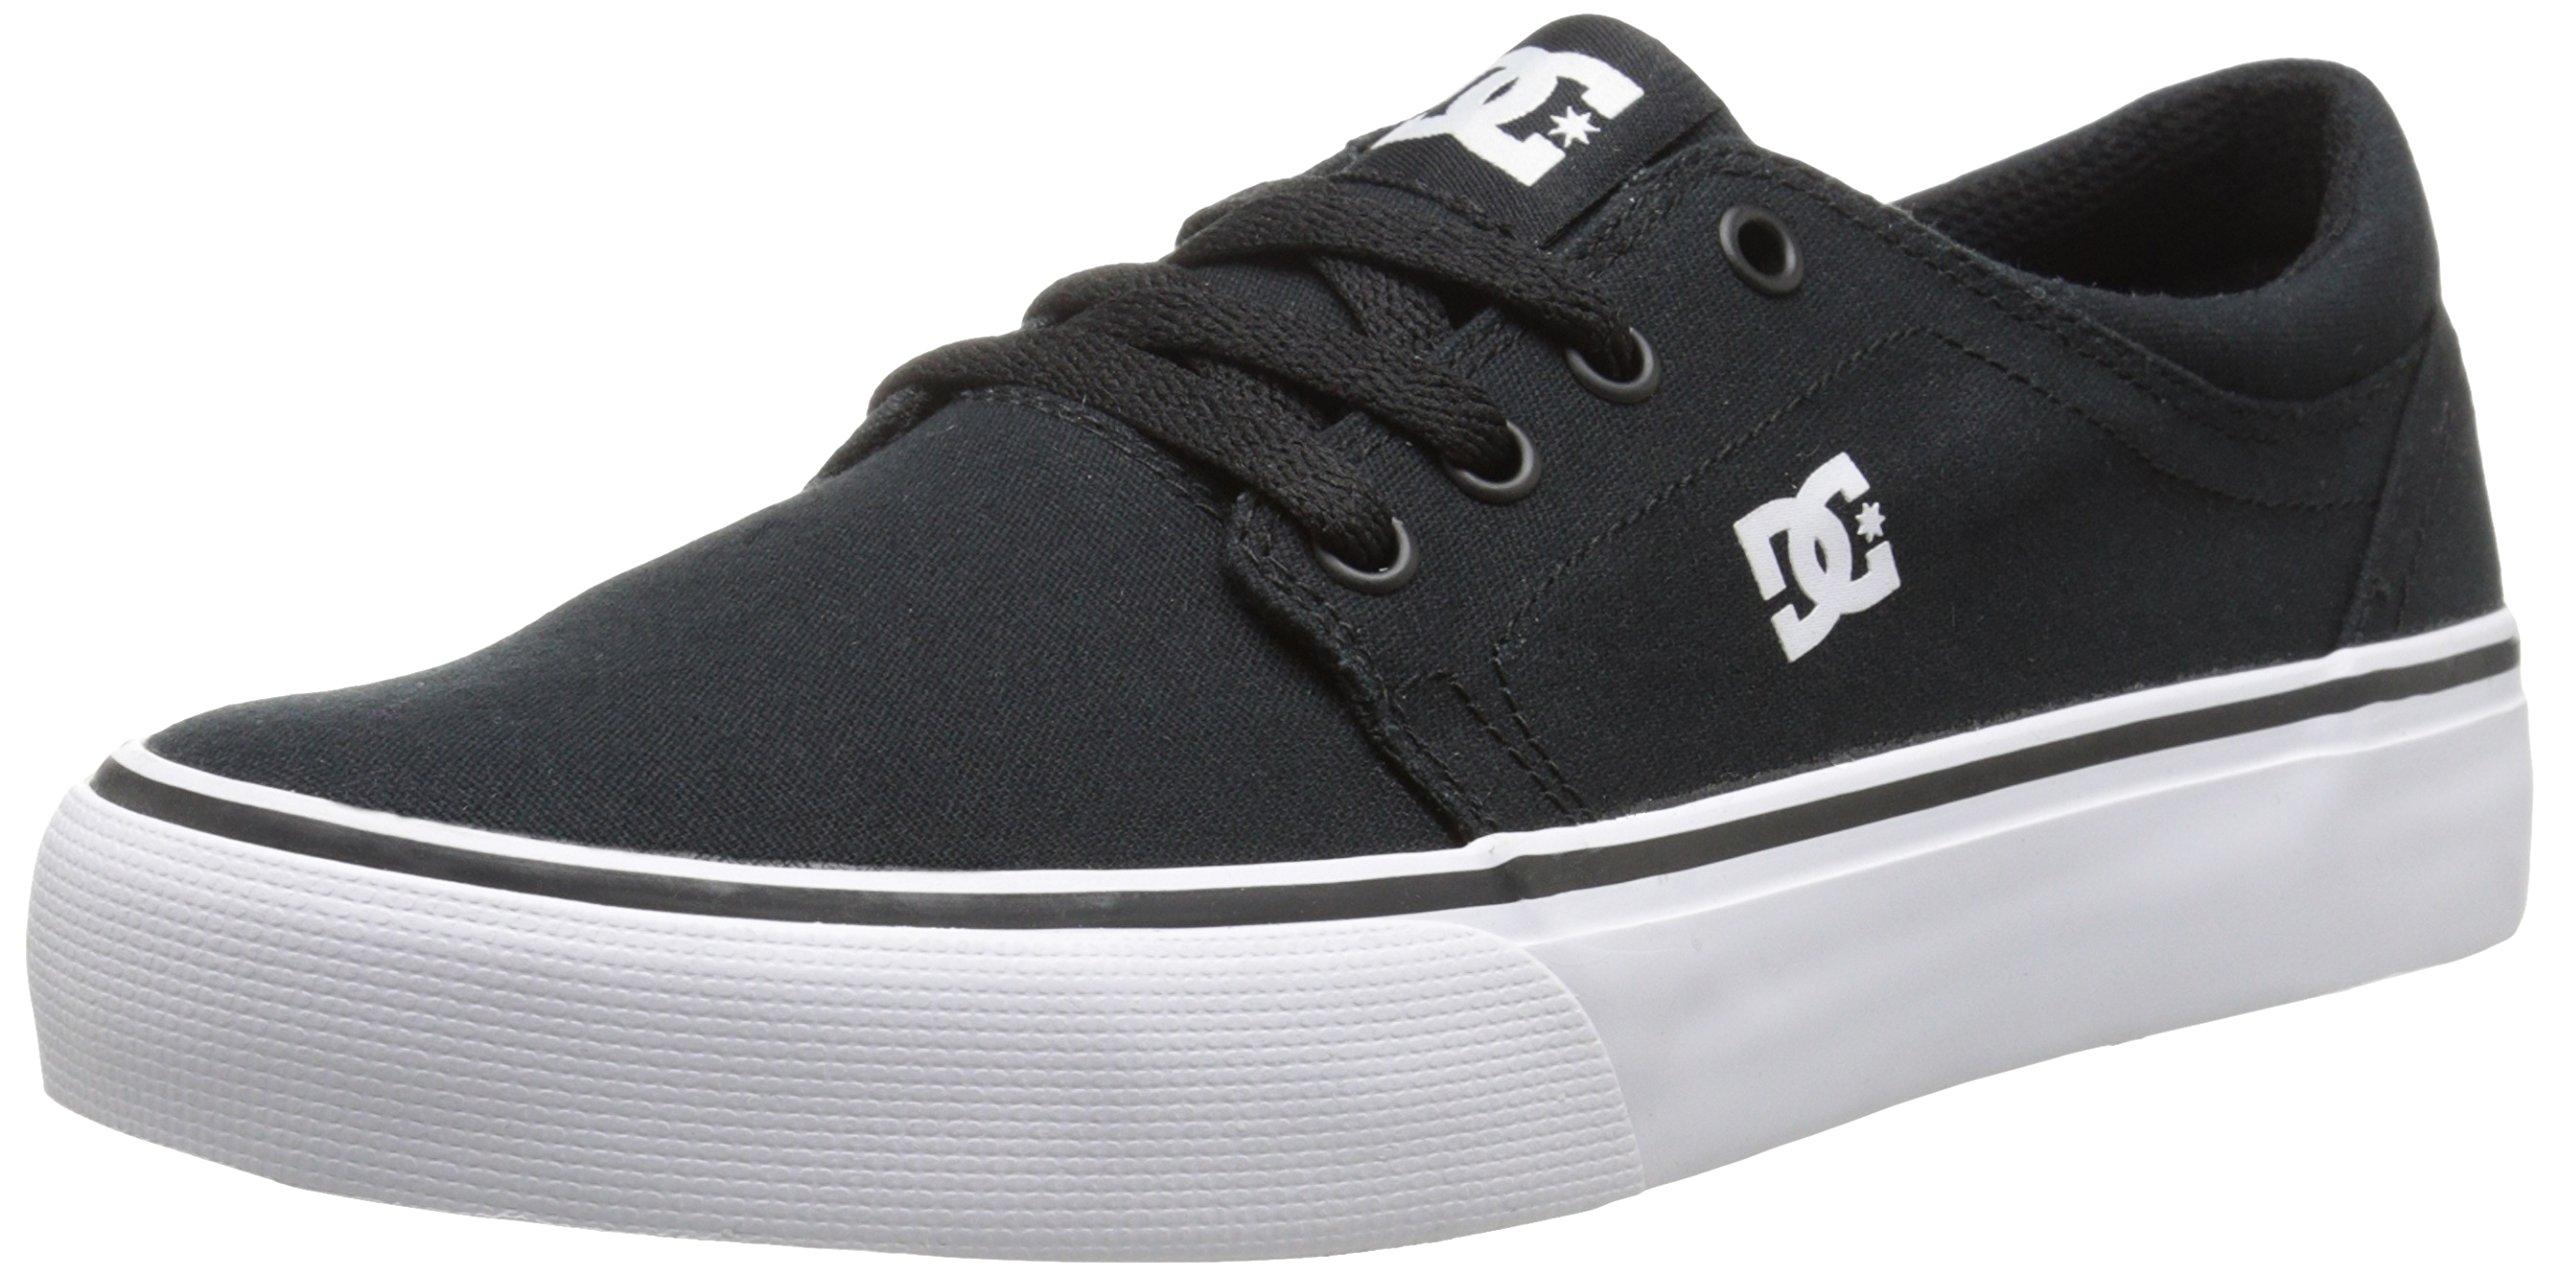 DC Trase TX Skate Shoe,Black/White,4